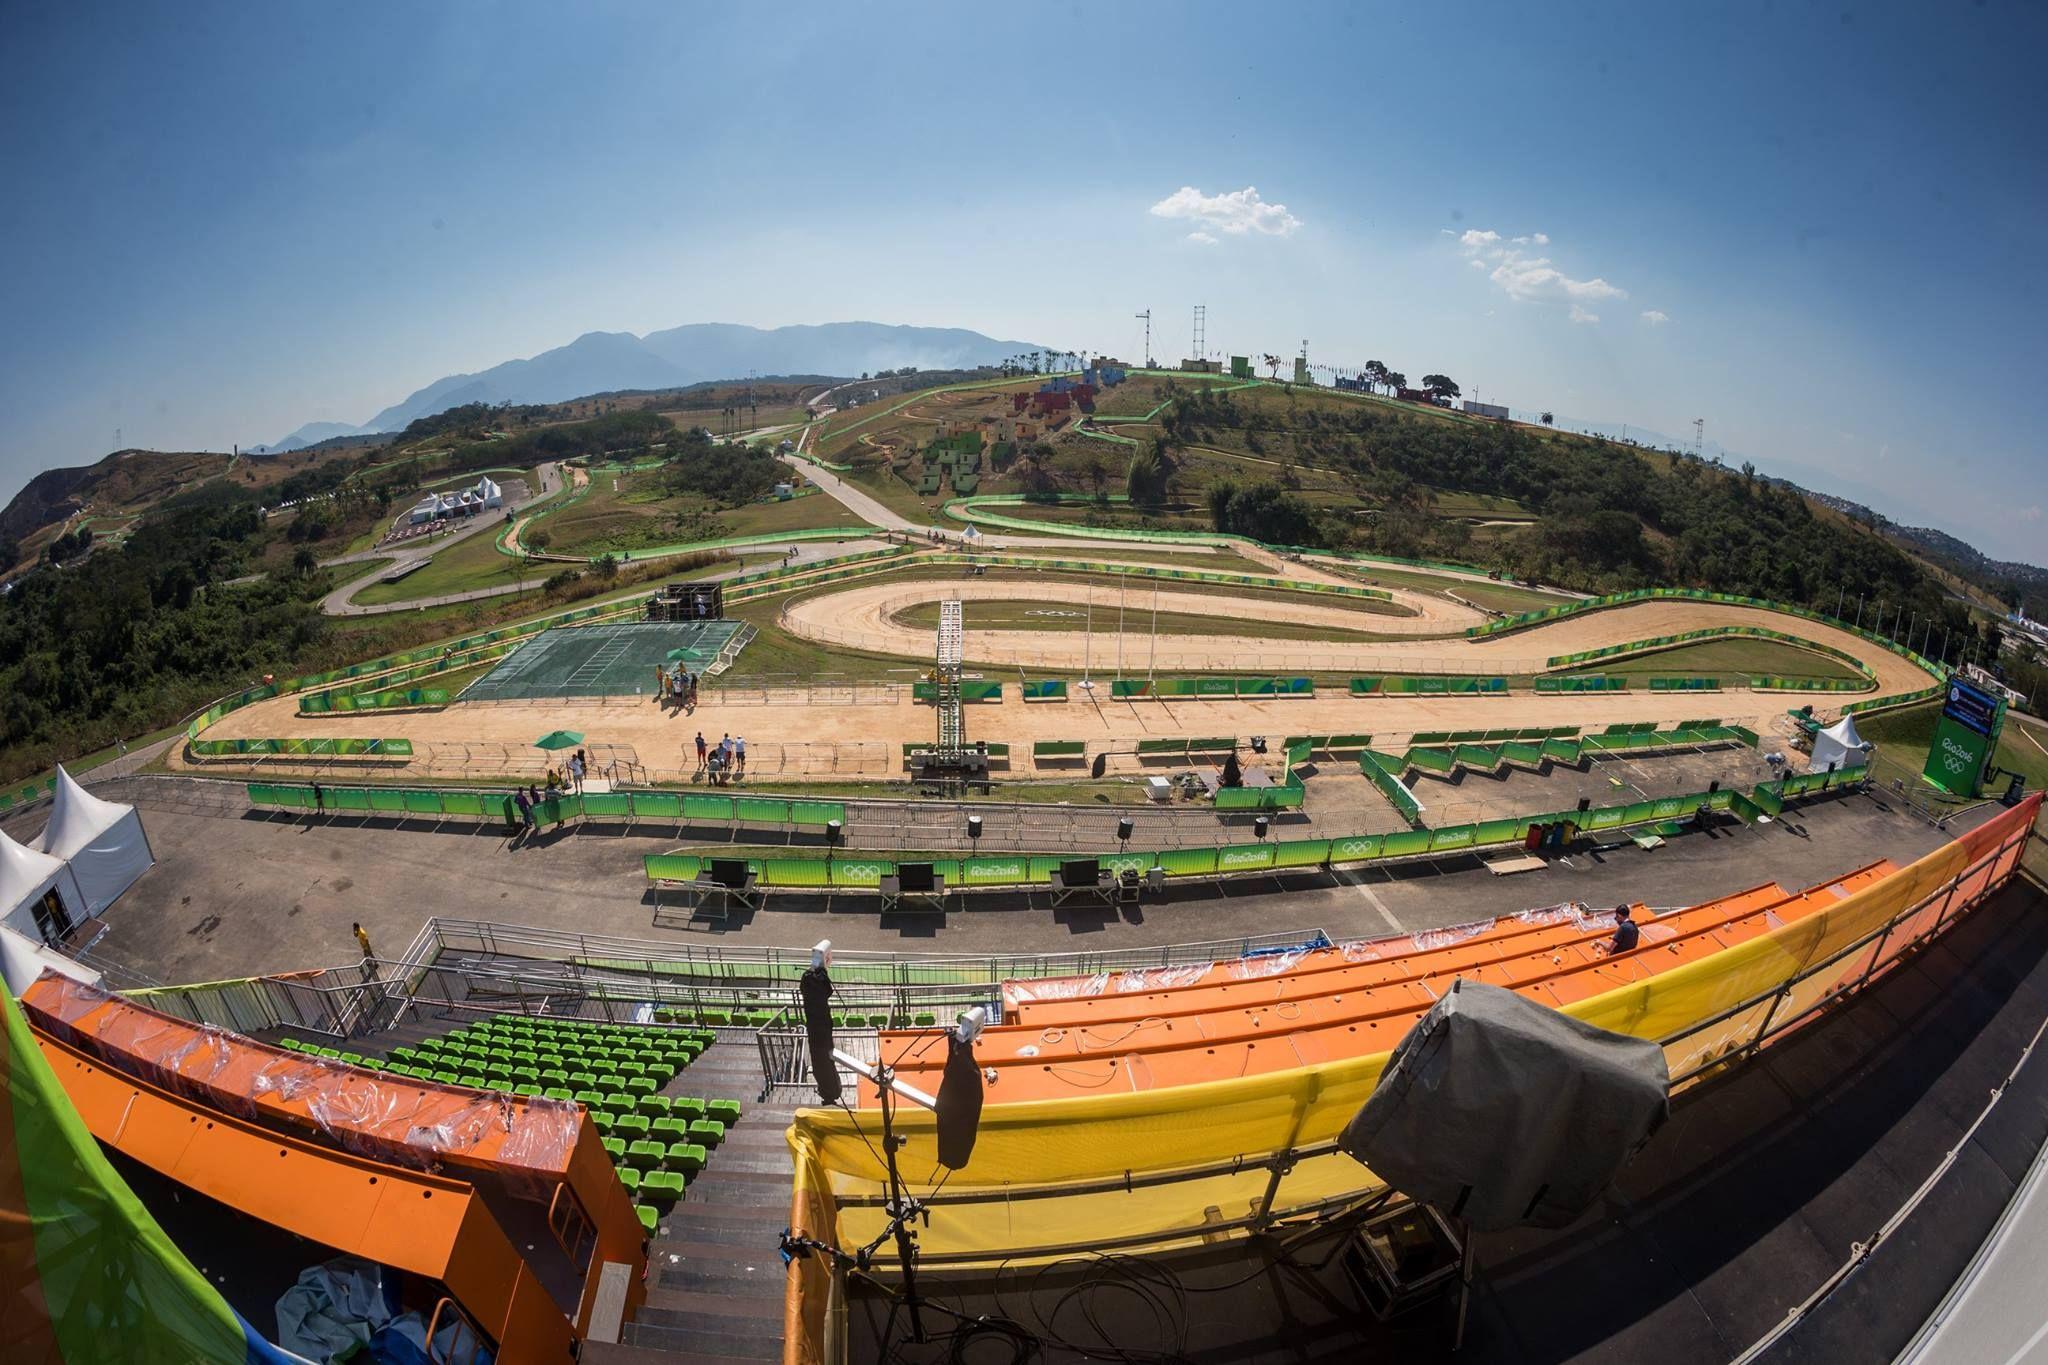 Rápido, estrecho, seco... es el circuito olímpico